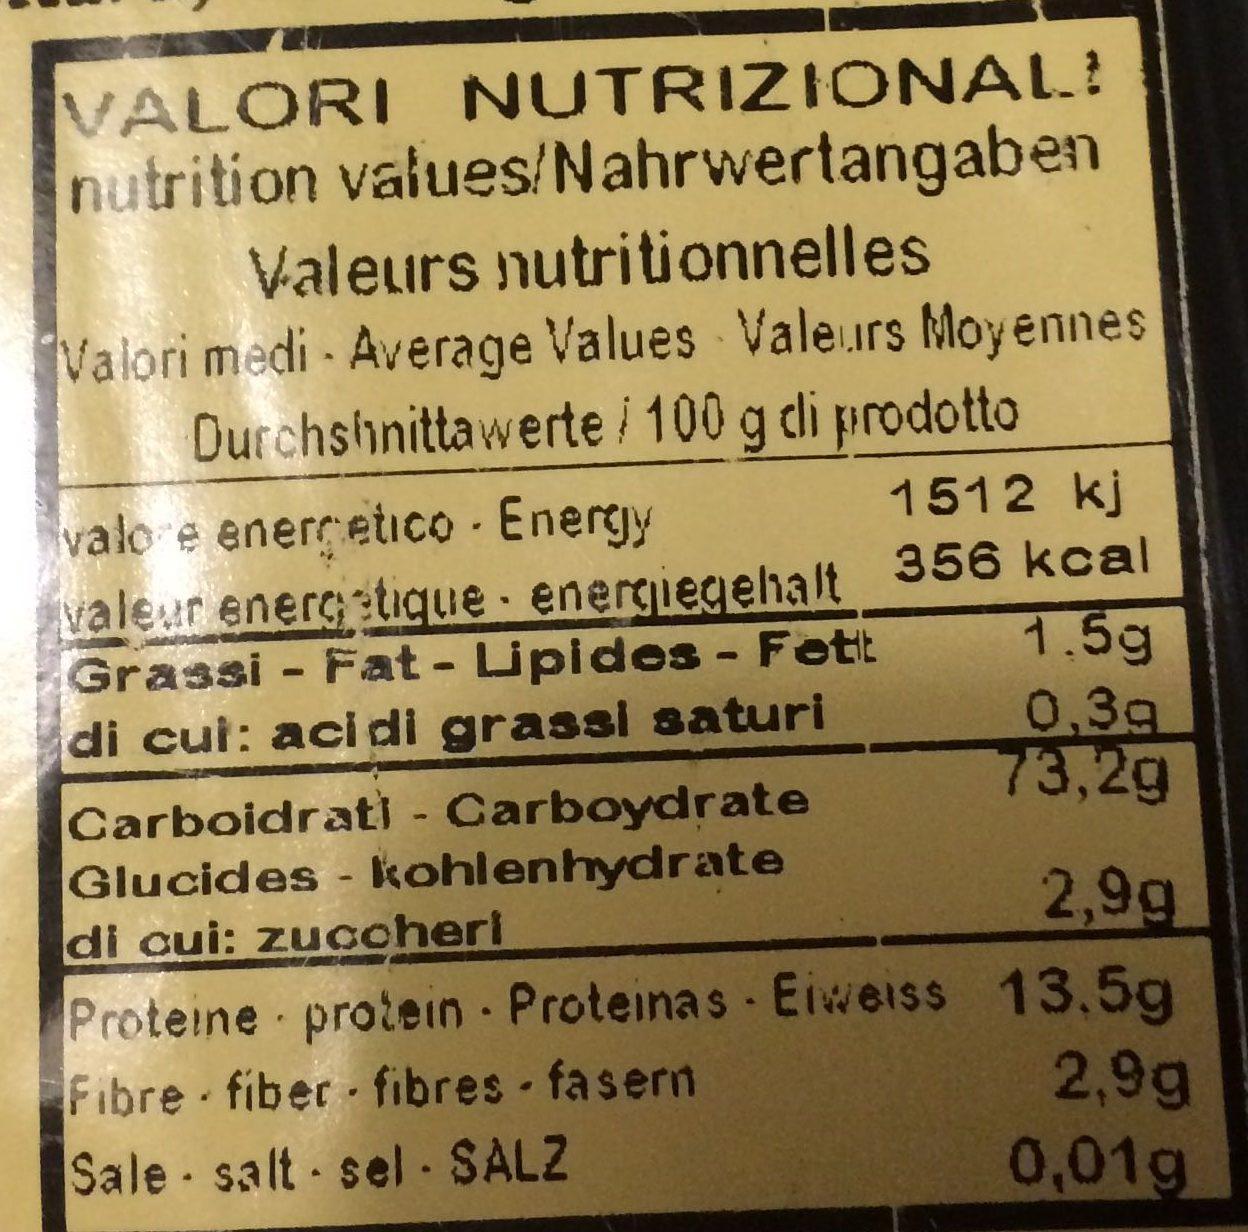 Linguine con nero di seppia - Nutrition facts